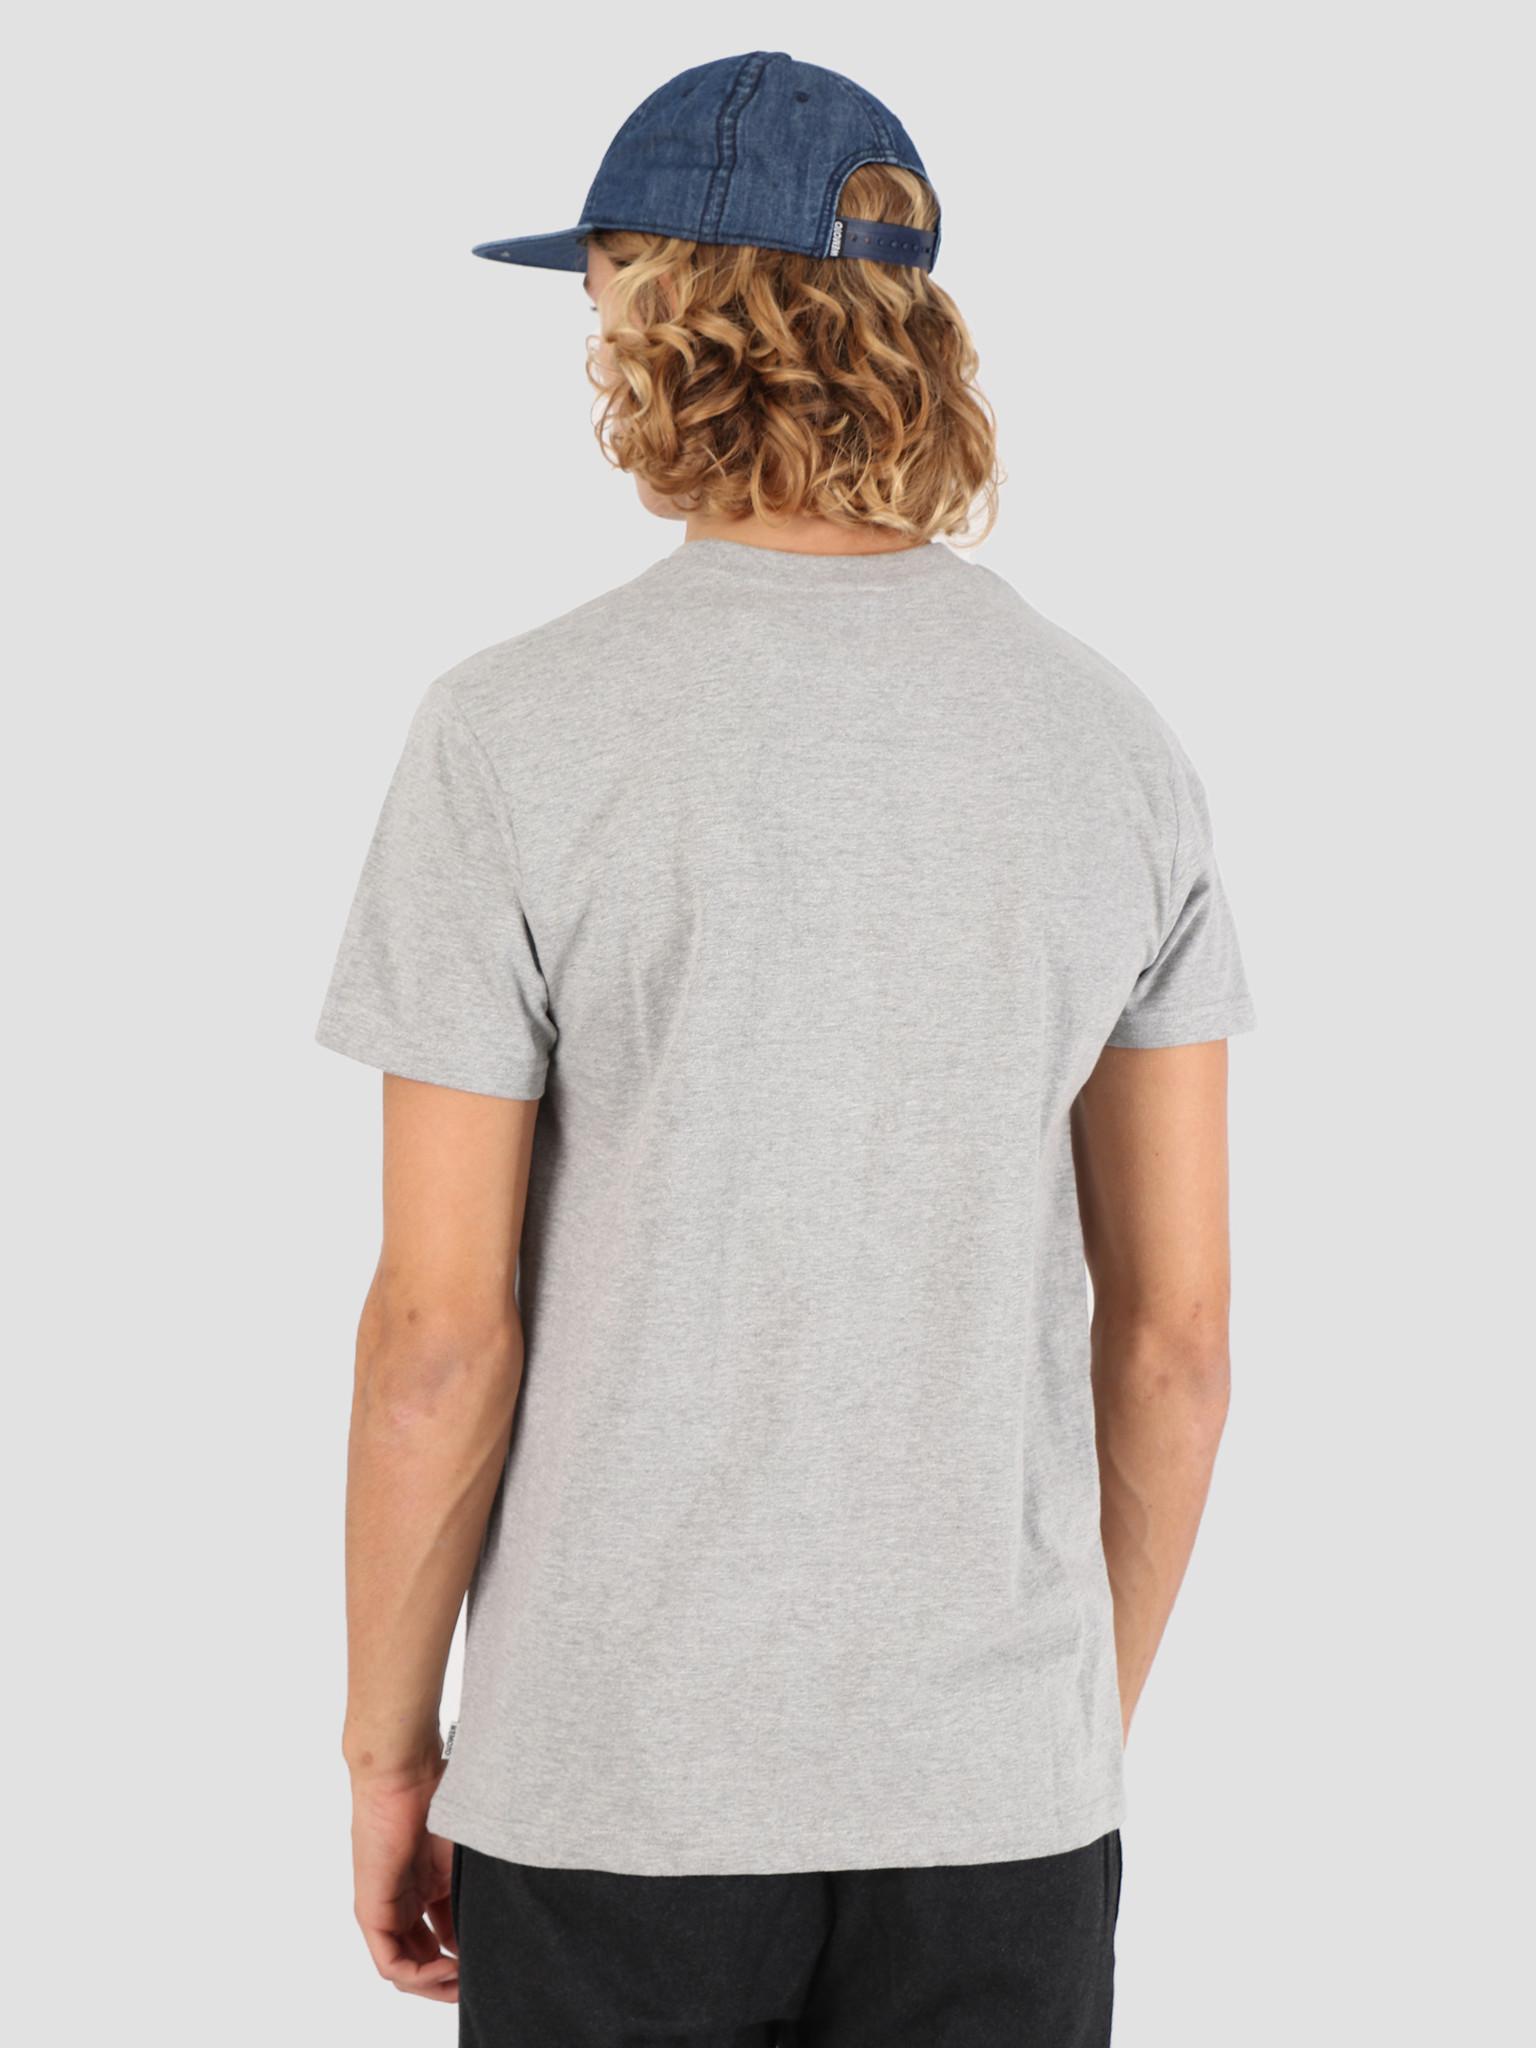 Wemoto Wemoto Woogle T-Shirt Heather 131.129-300